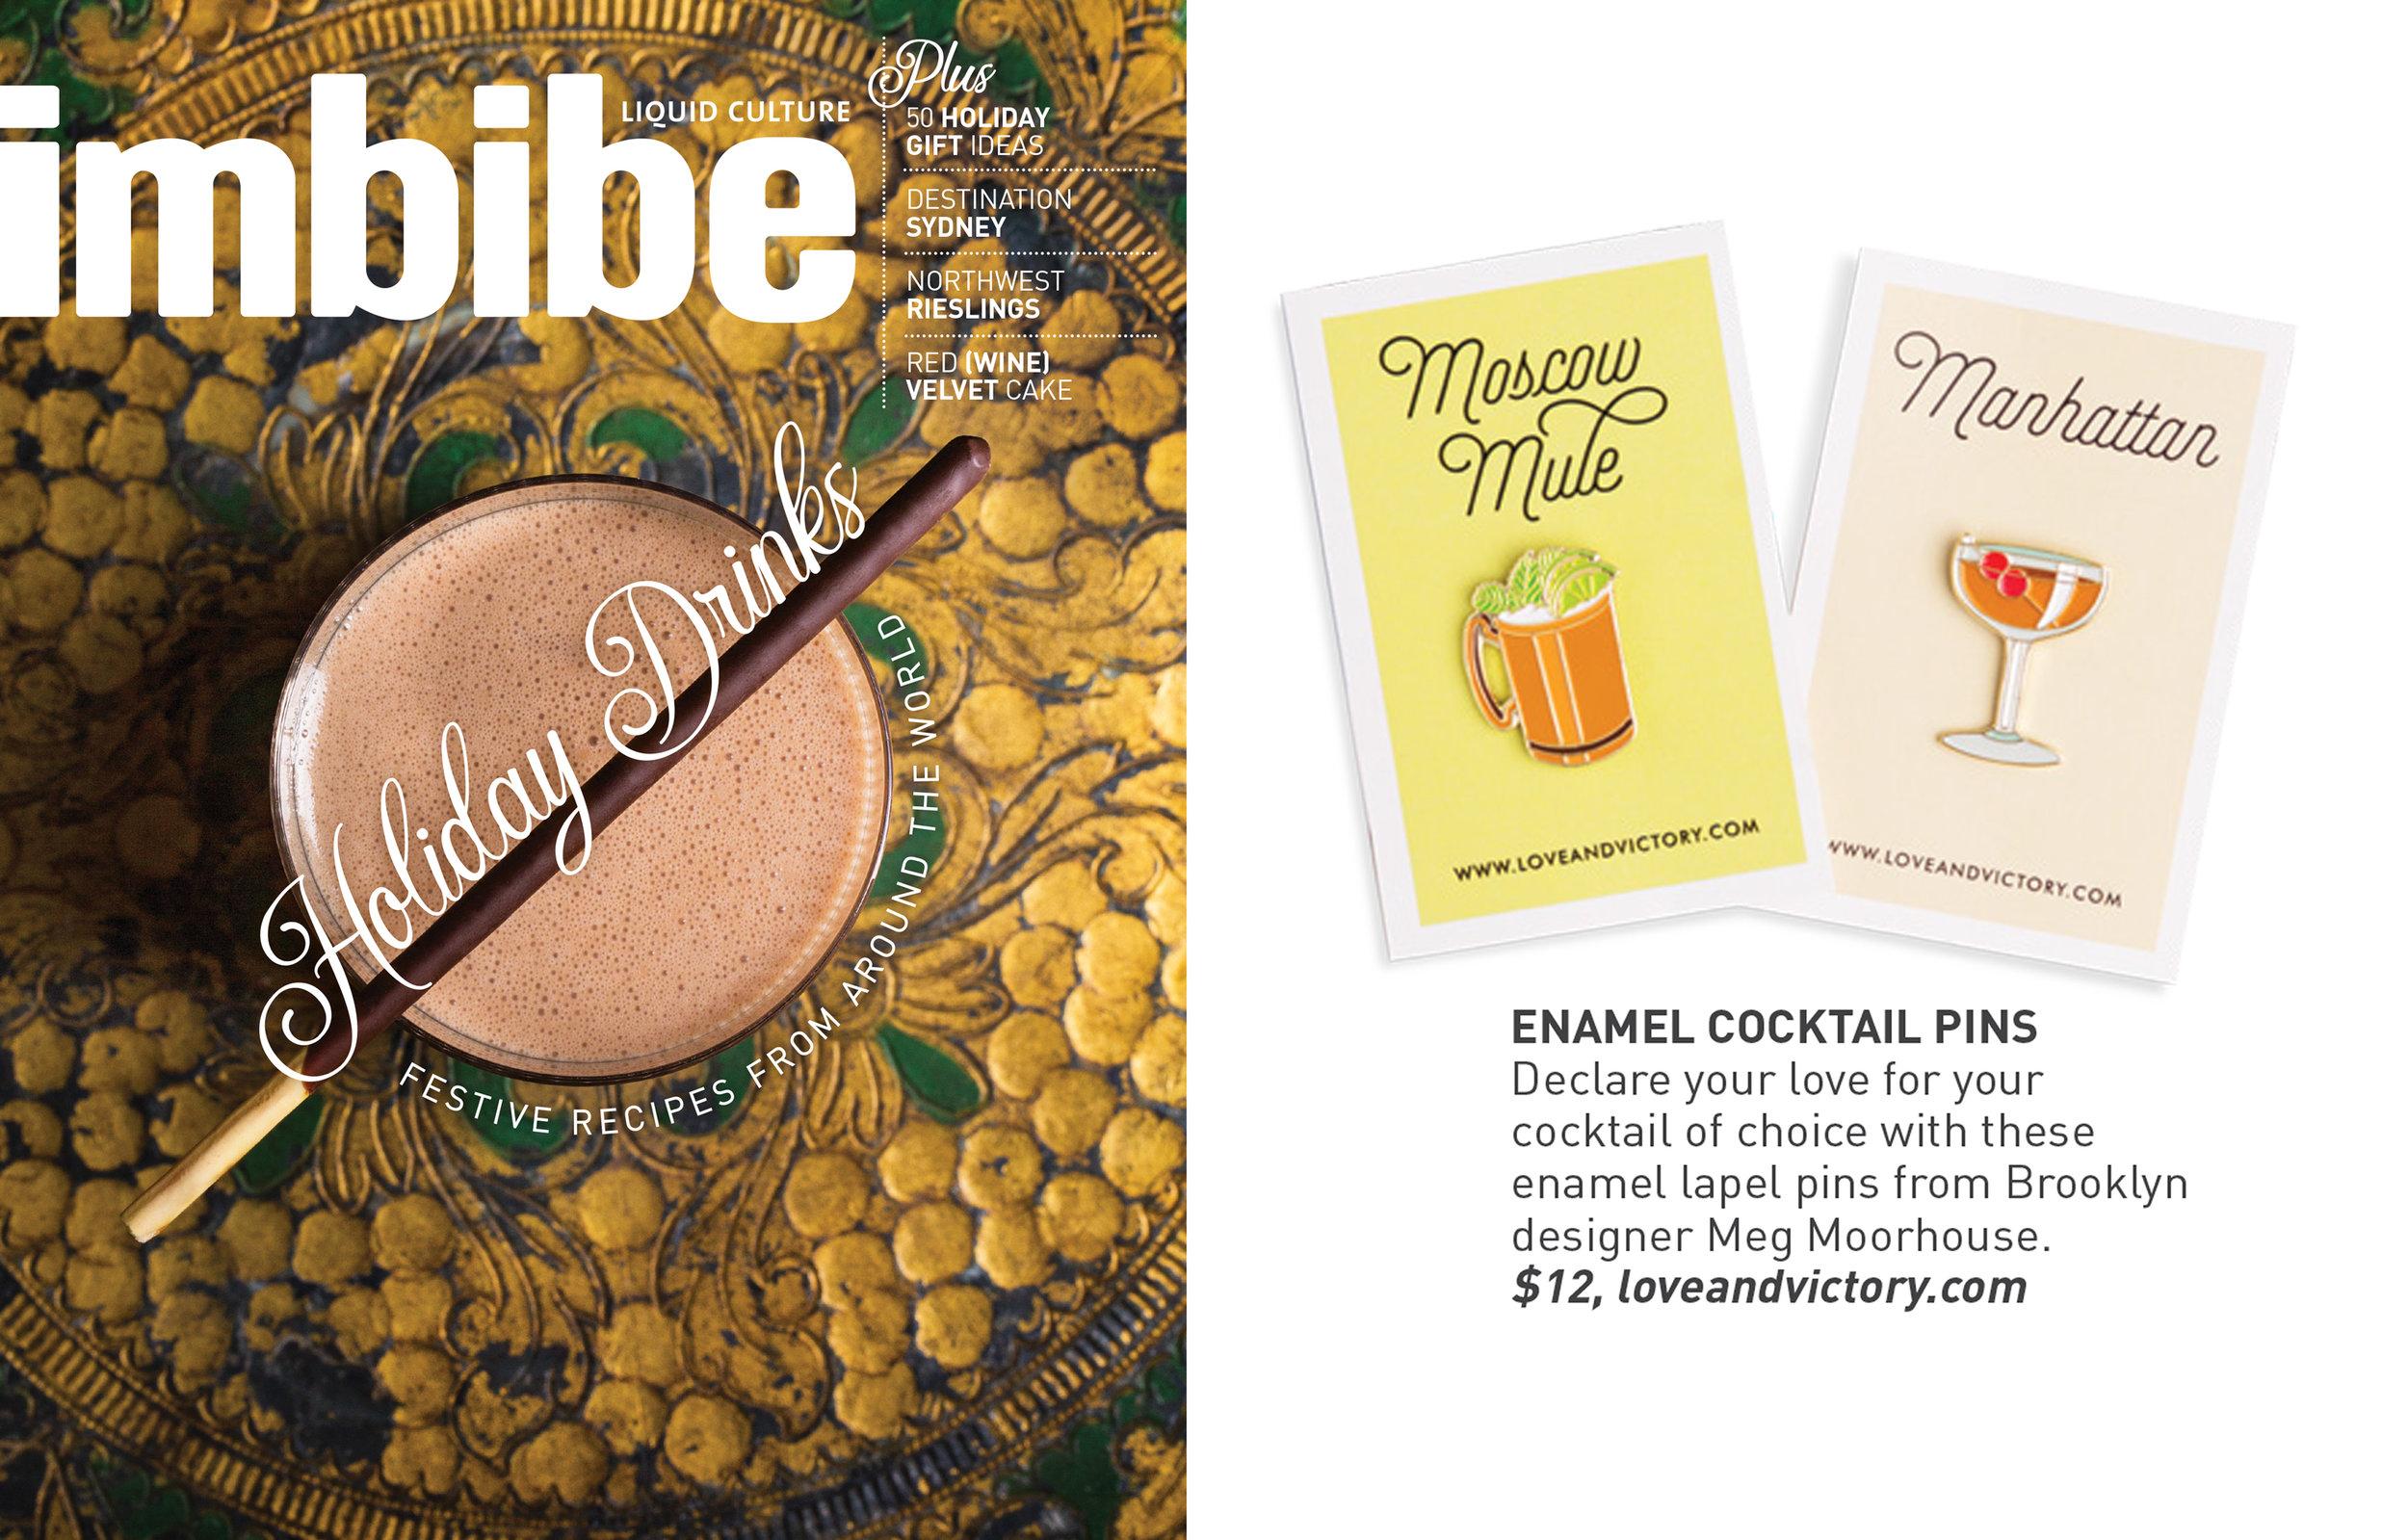 Imbibe-ND17-HolidayGiftGuide-1.jpg